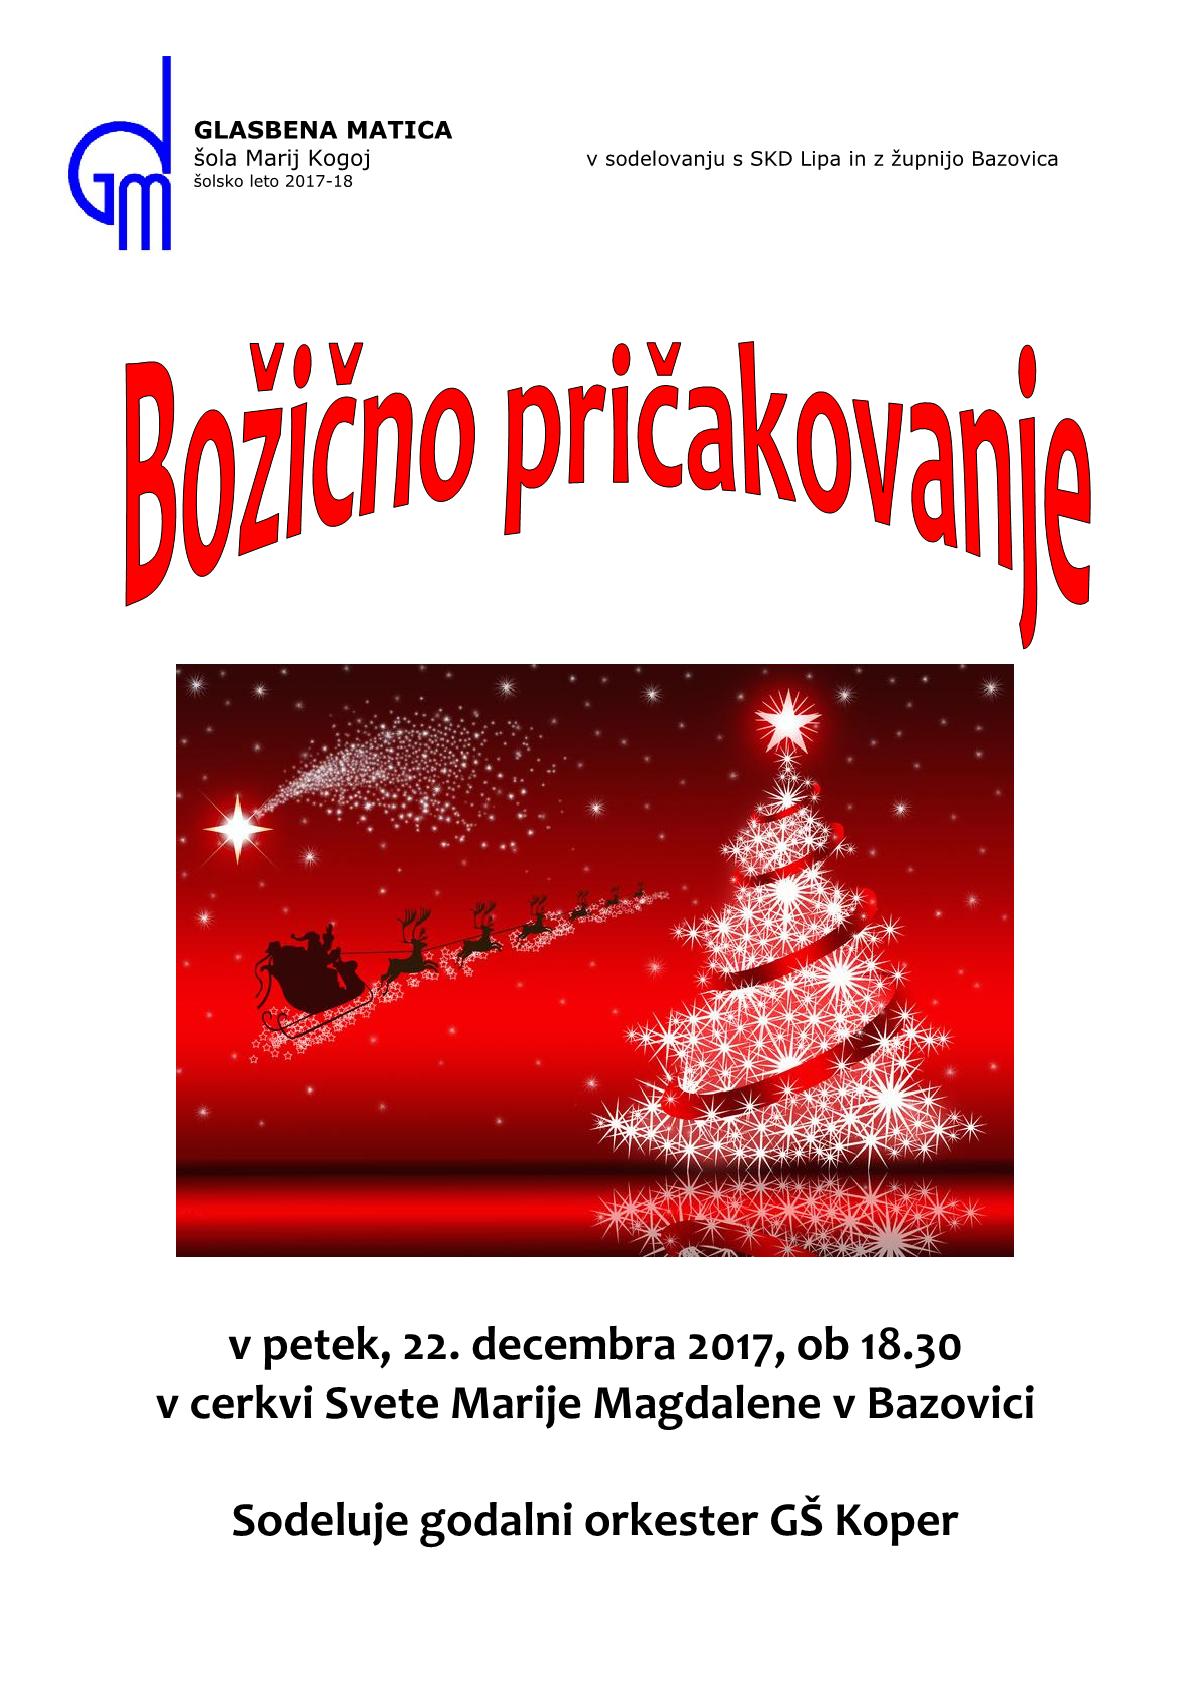 22.12.2017 ob 18.30 v cerkvi Svete Marije Magdalene v Bazovici